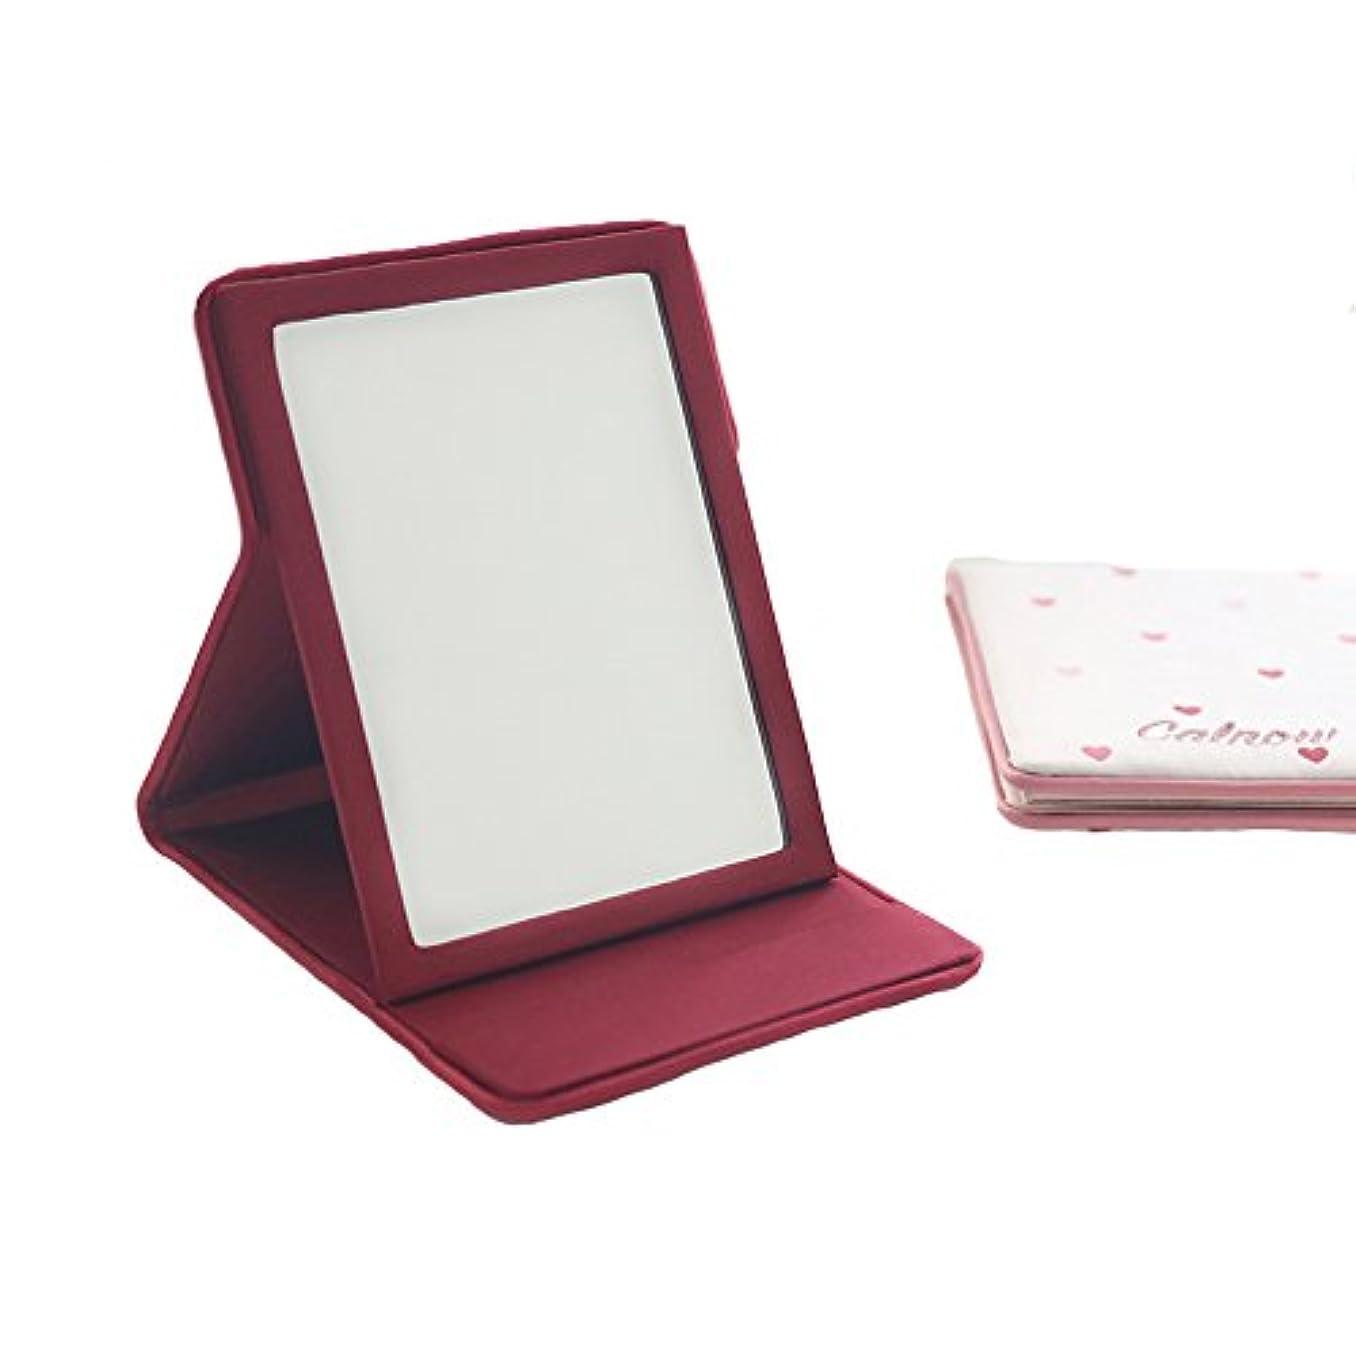 顕著過激派ズームインするMYOMYO化粧鏡 卓上ミラー 卓上スタンドミラー 折りたたみミラー 旅行鏡 旅行適用 (ピンク)